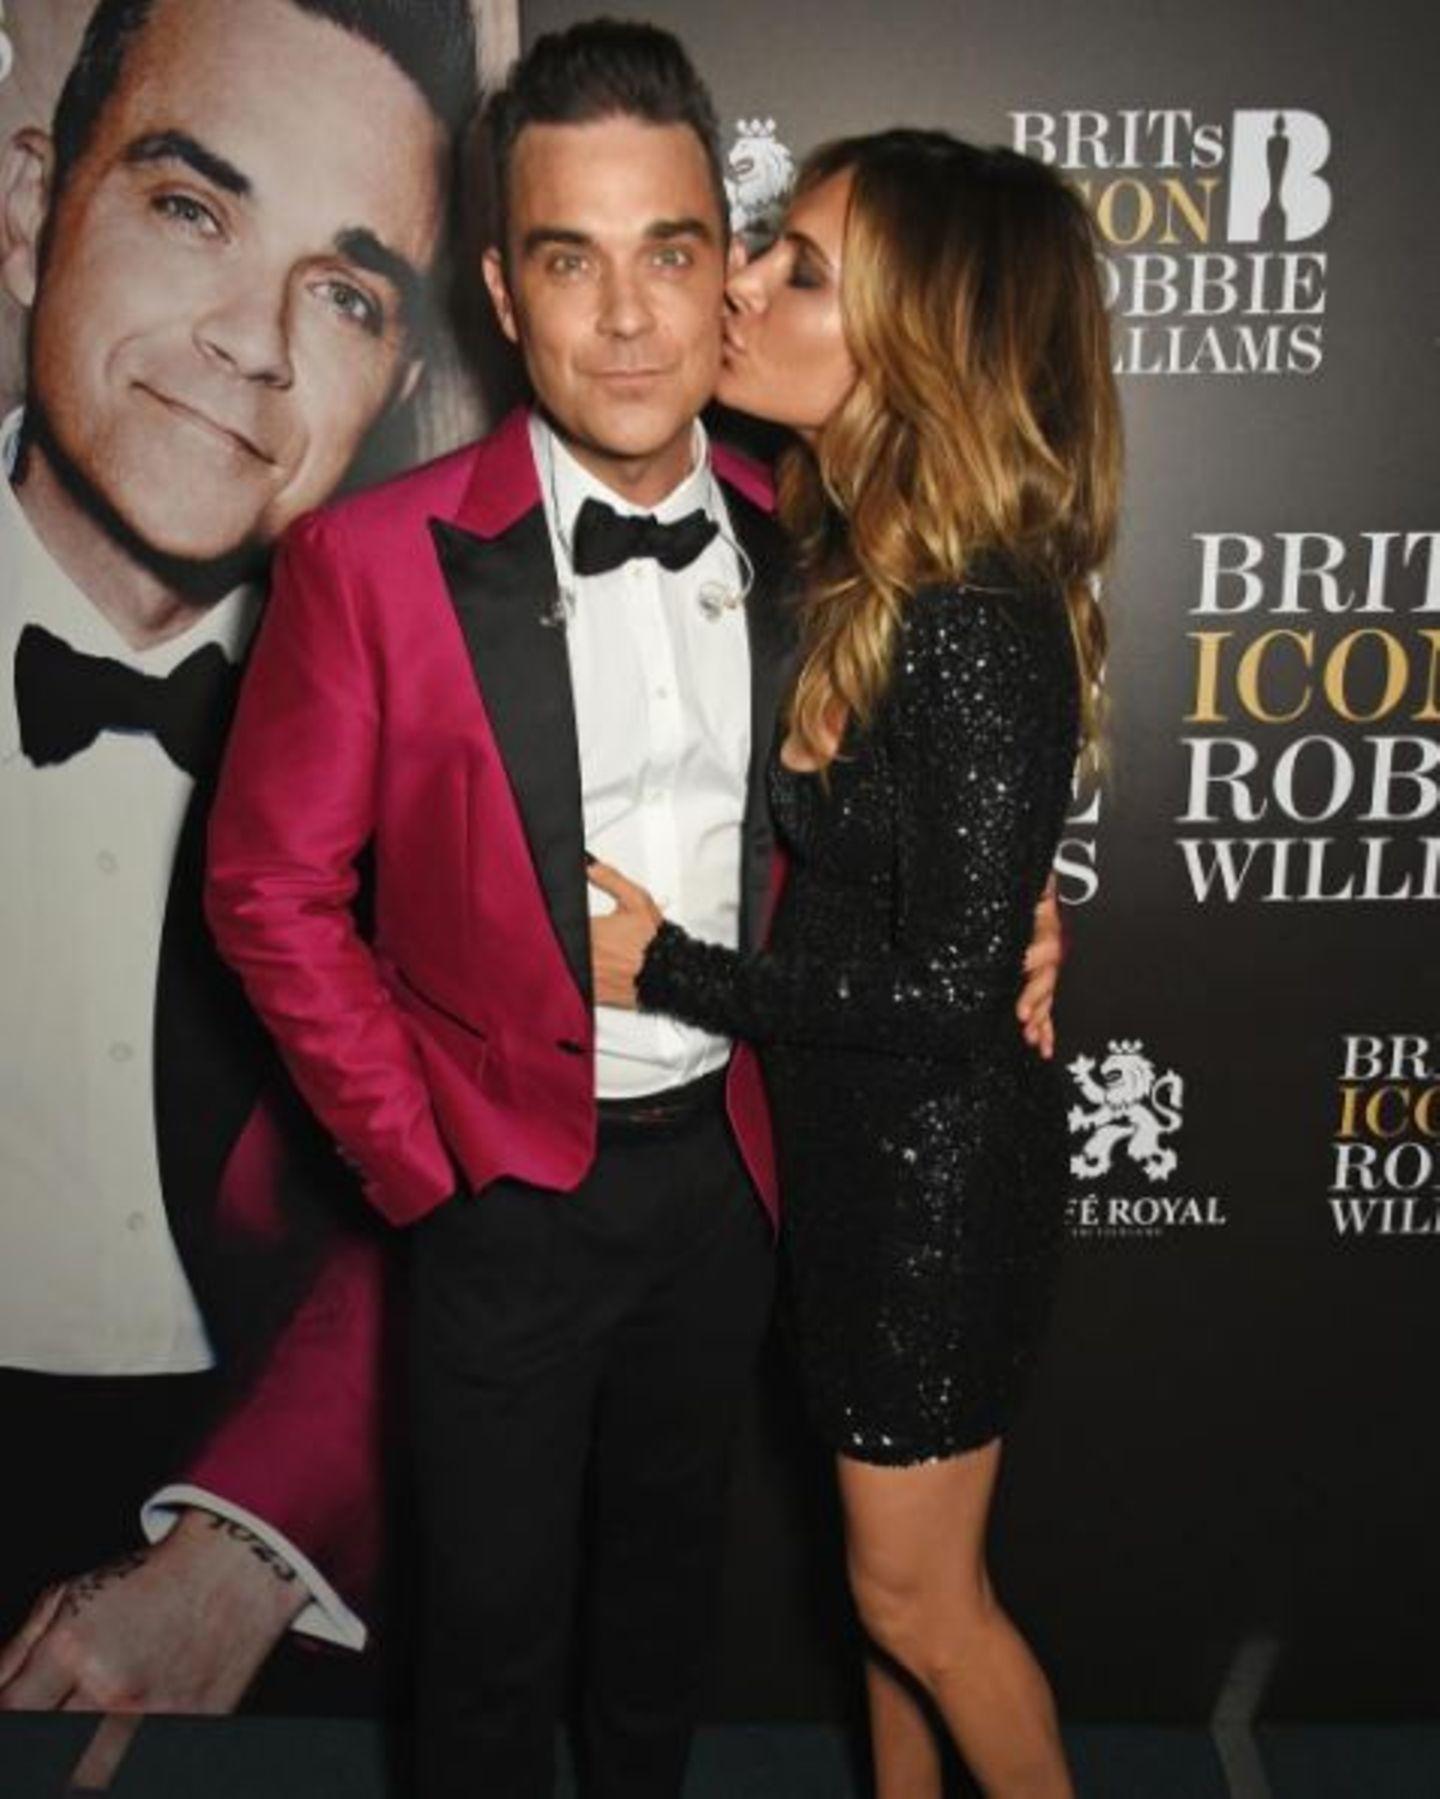 """November 2016   Das neue Album """"The Heavy Entertainment Show"""" hat eingeschlagen, es läuft sehr gut für Robbie Williams. Ayda Field überschüttet ihren Liebsten mit Komplimenten und kann es einfach nicht für sich behalten. Sie ist stolz auf ihren Robbie."""